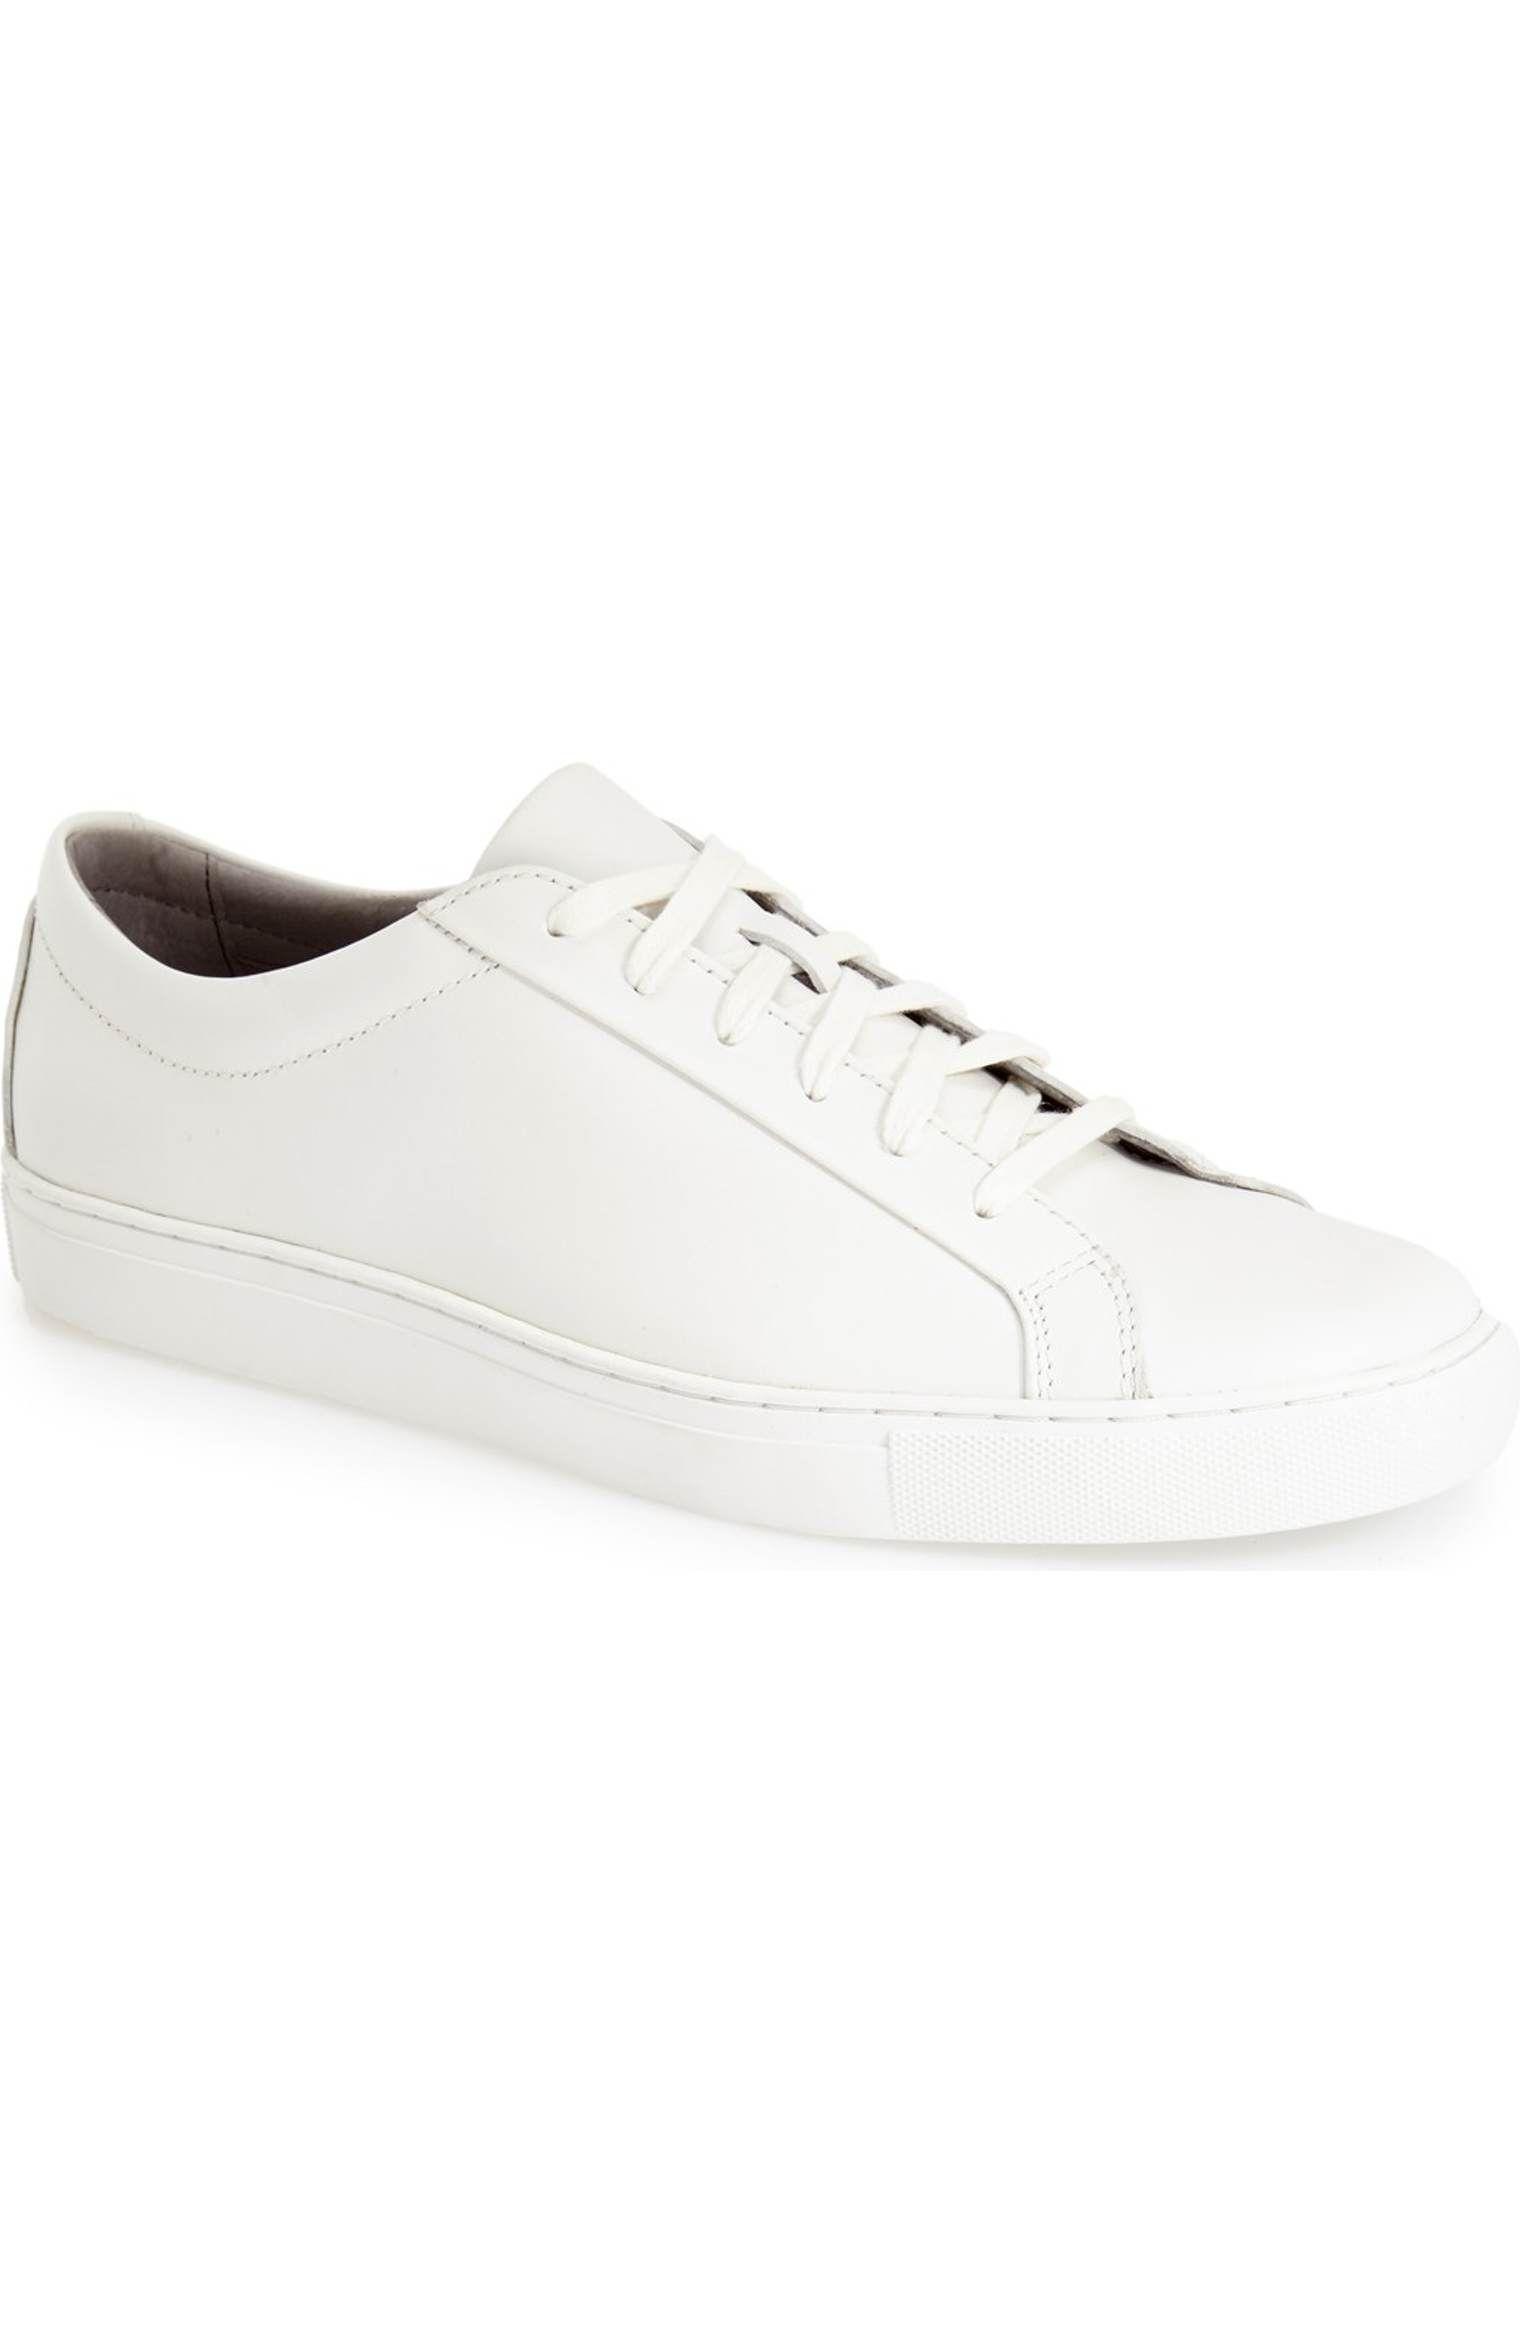 Roller skates tcg - Kennedy Leather Sneaker